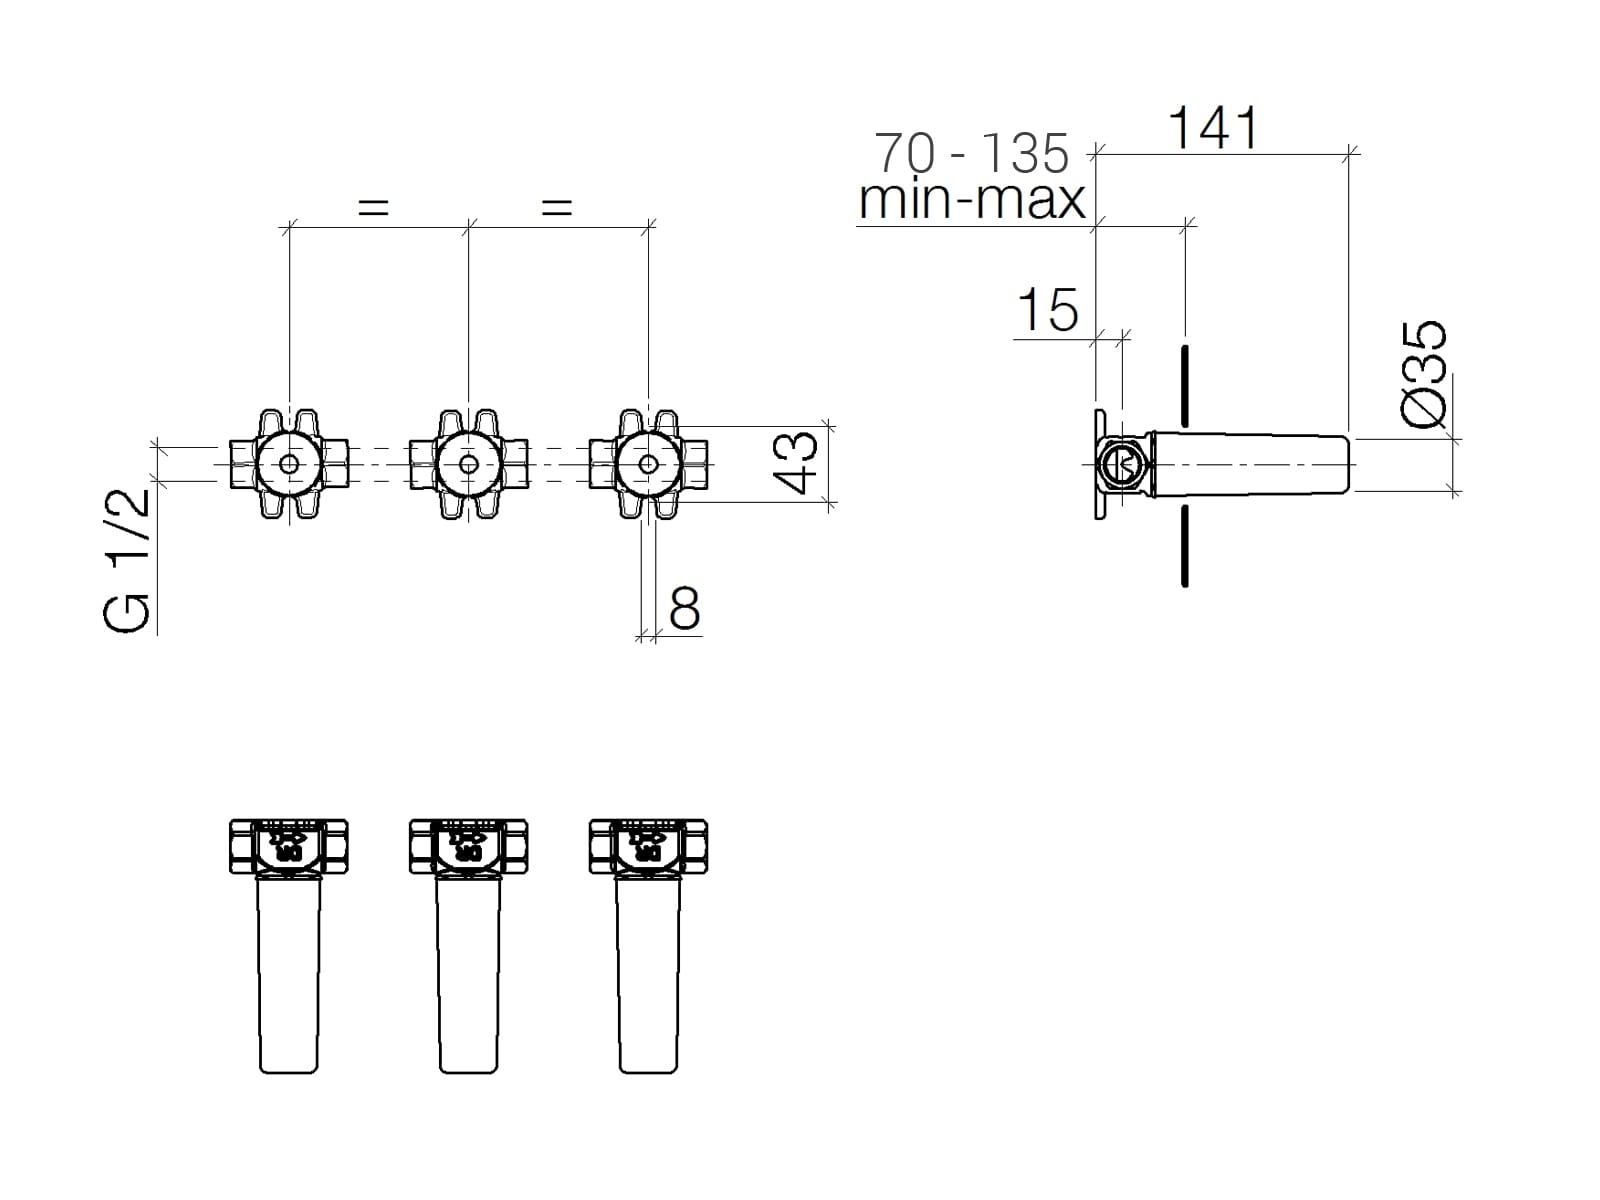 Dornbracht UP-Wandbatterie 35 712 970 90 Variable Positionierung